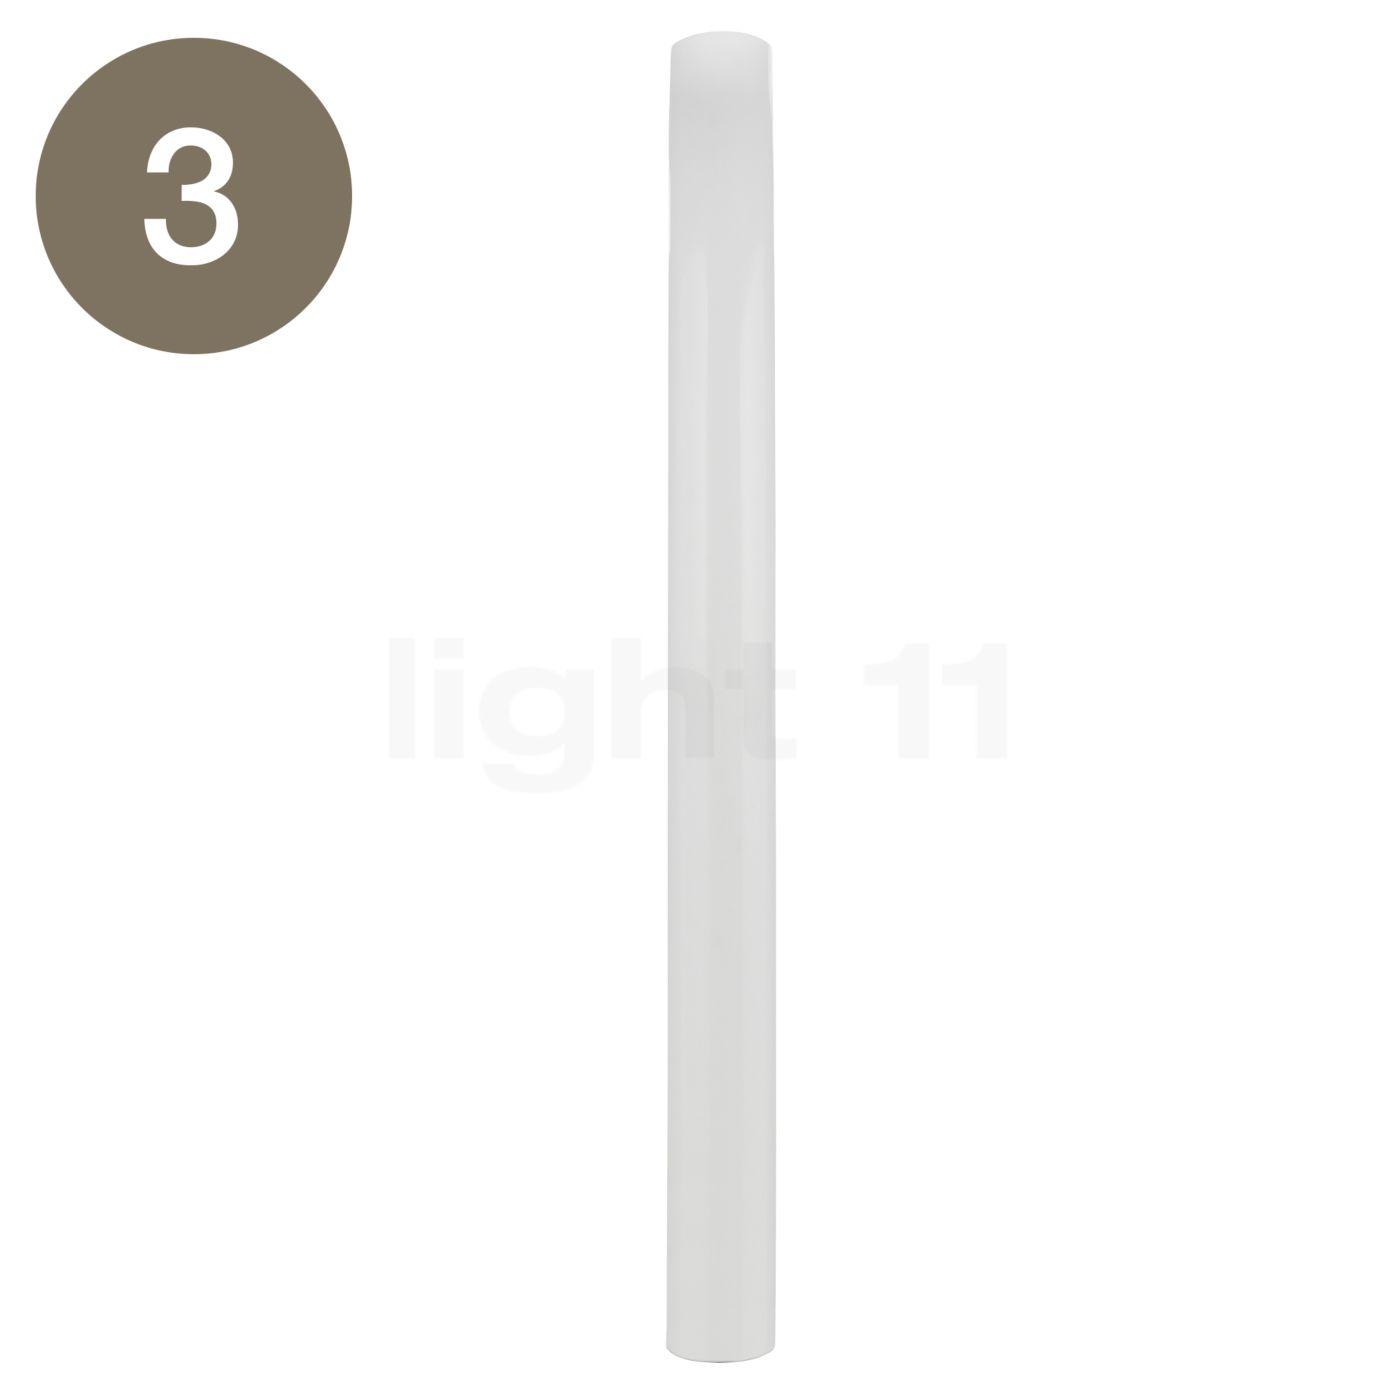 Flos Pièces détachées pour Stylos, Pièce n° 3 : diffuseur en plexiglas